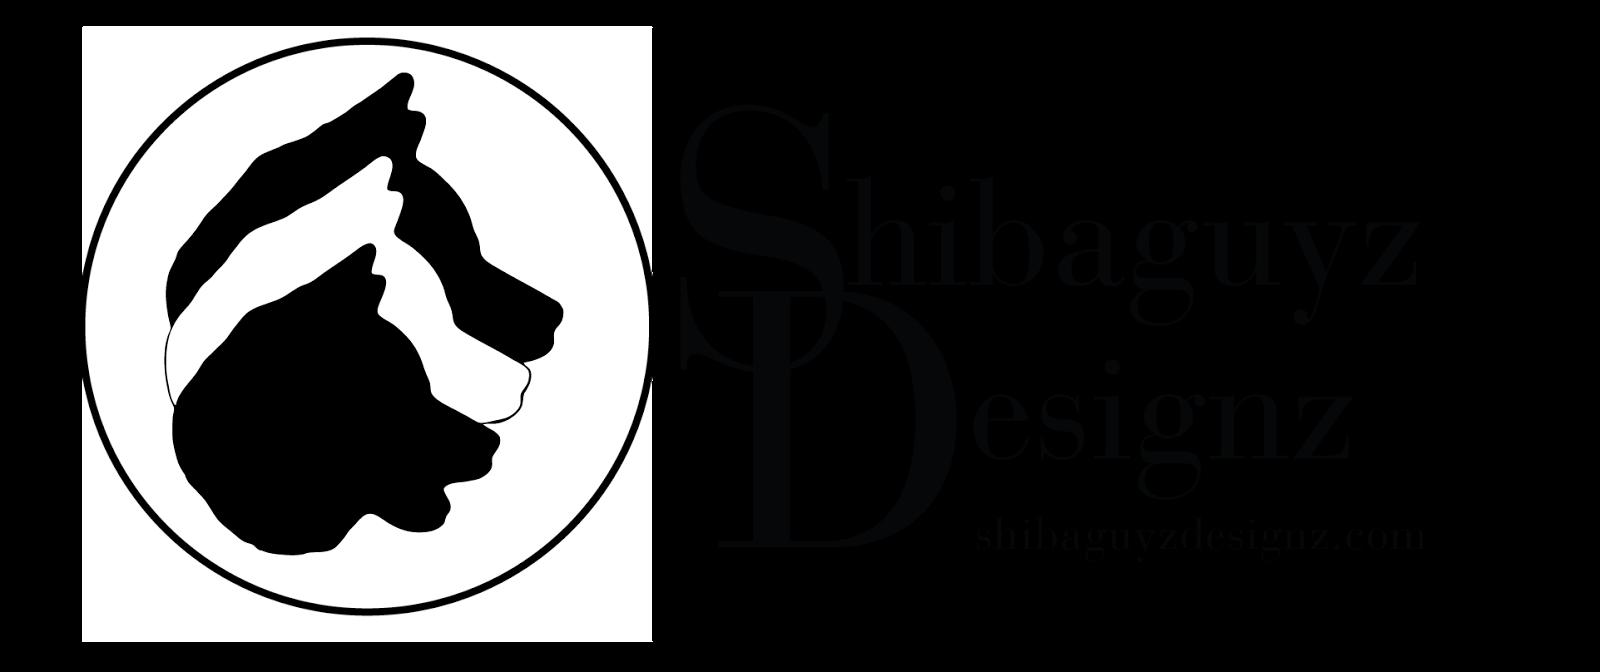 http://www.designz.shibaguyz.com/